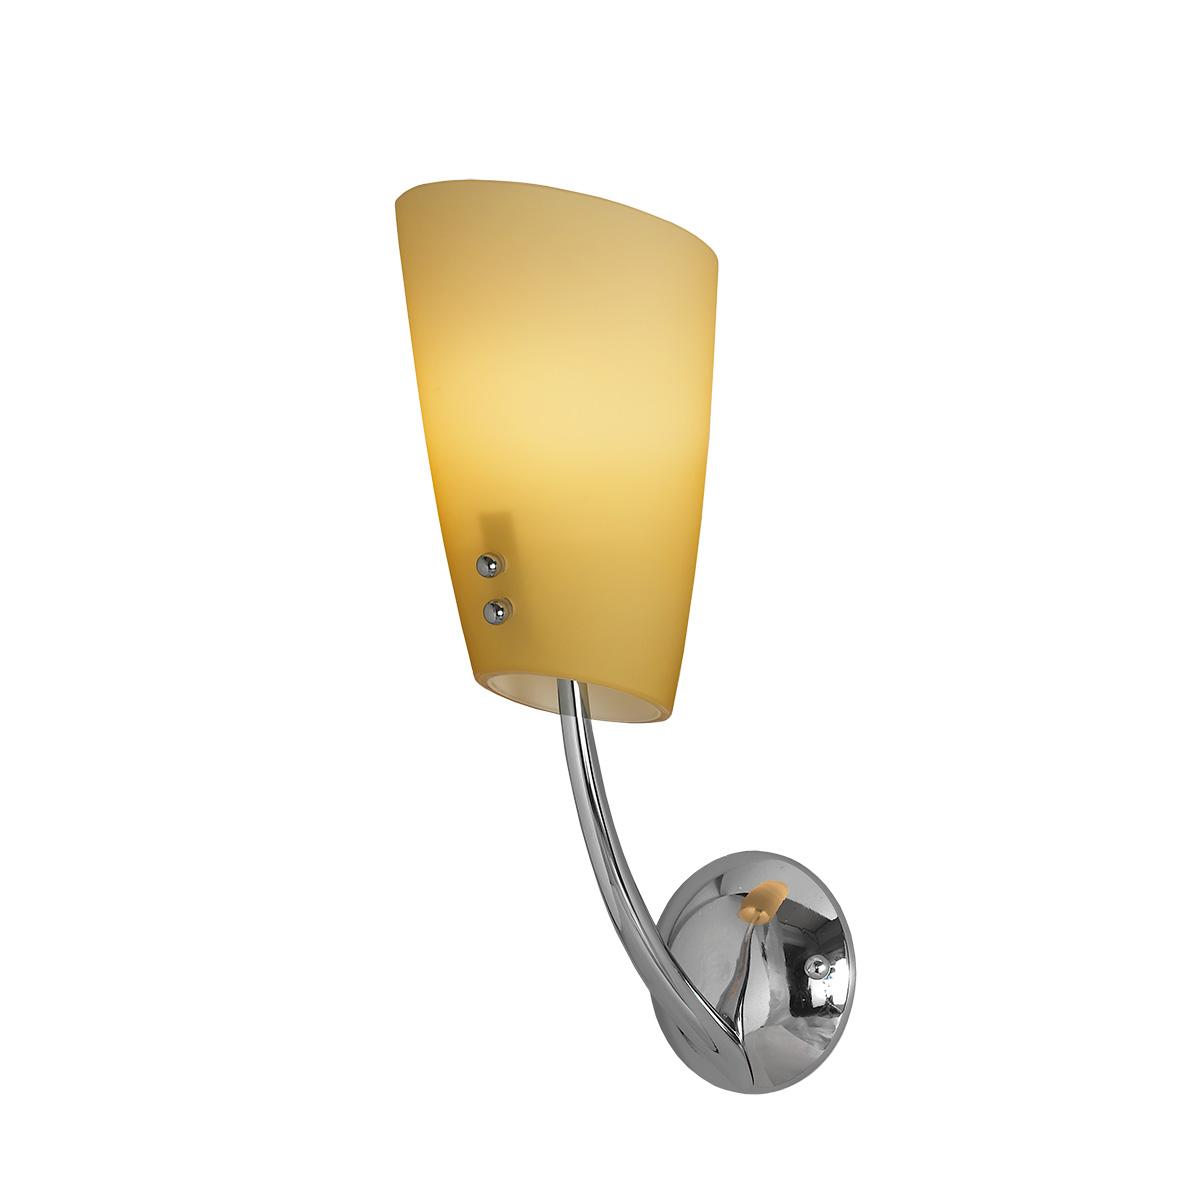 Μοντέρνα απλίκα Μουράνο DONNA modern Murano wall lamp